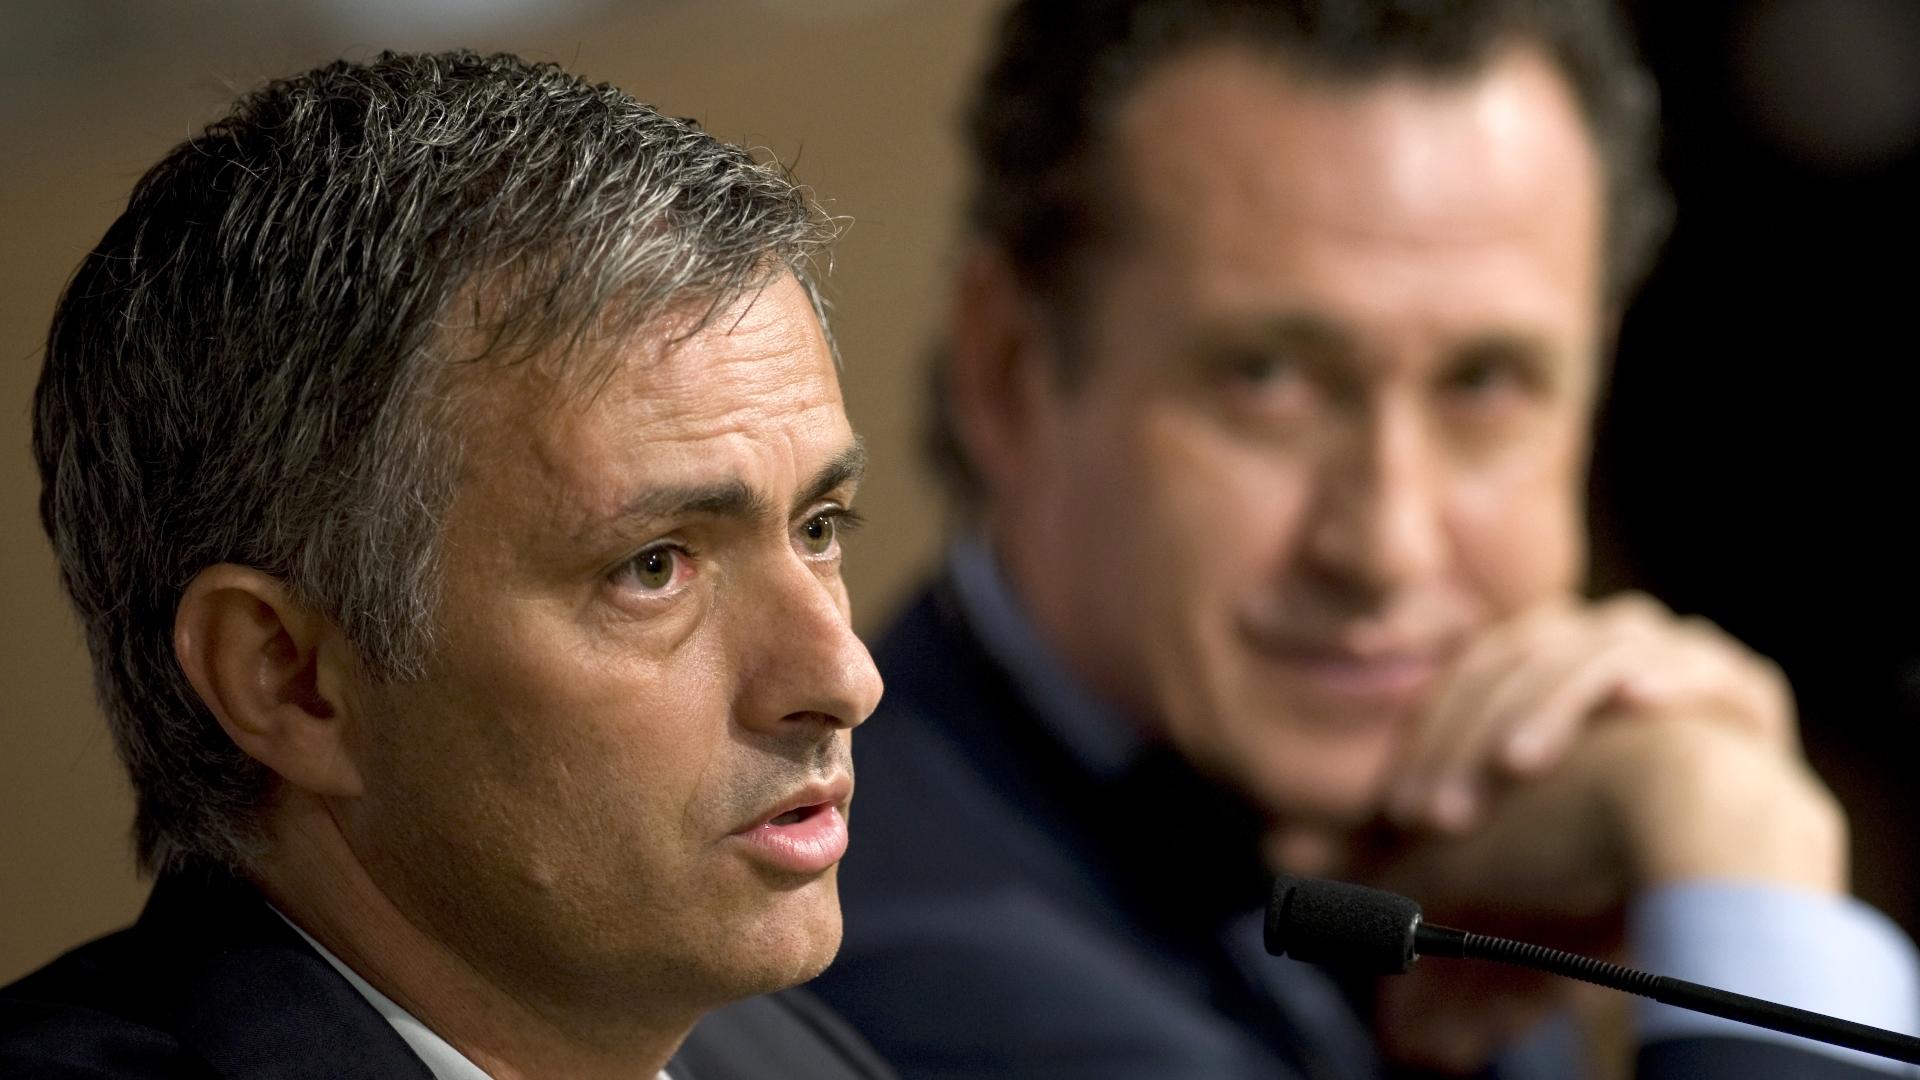 Jorge Valdano, Jose Mourinho